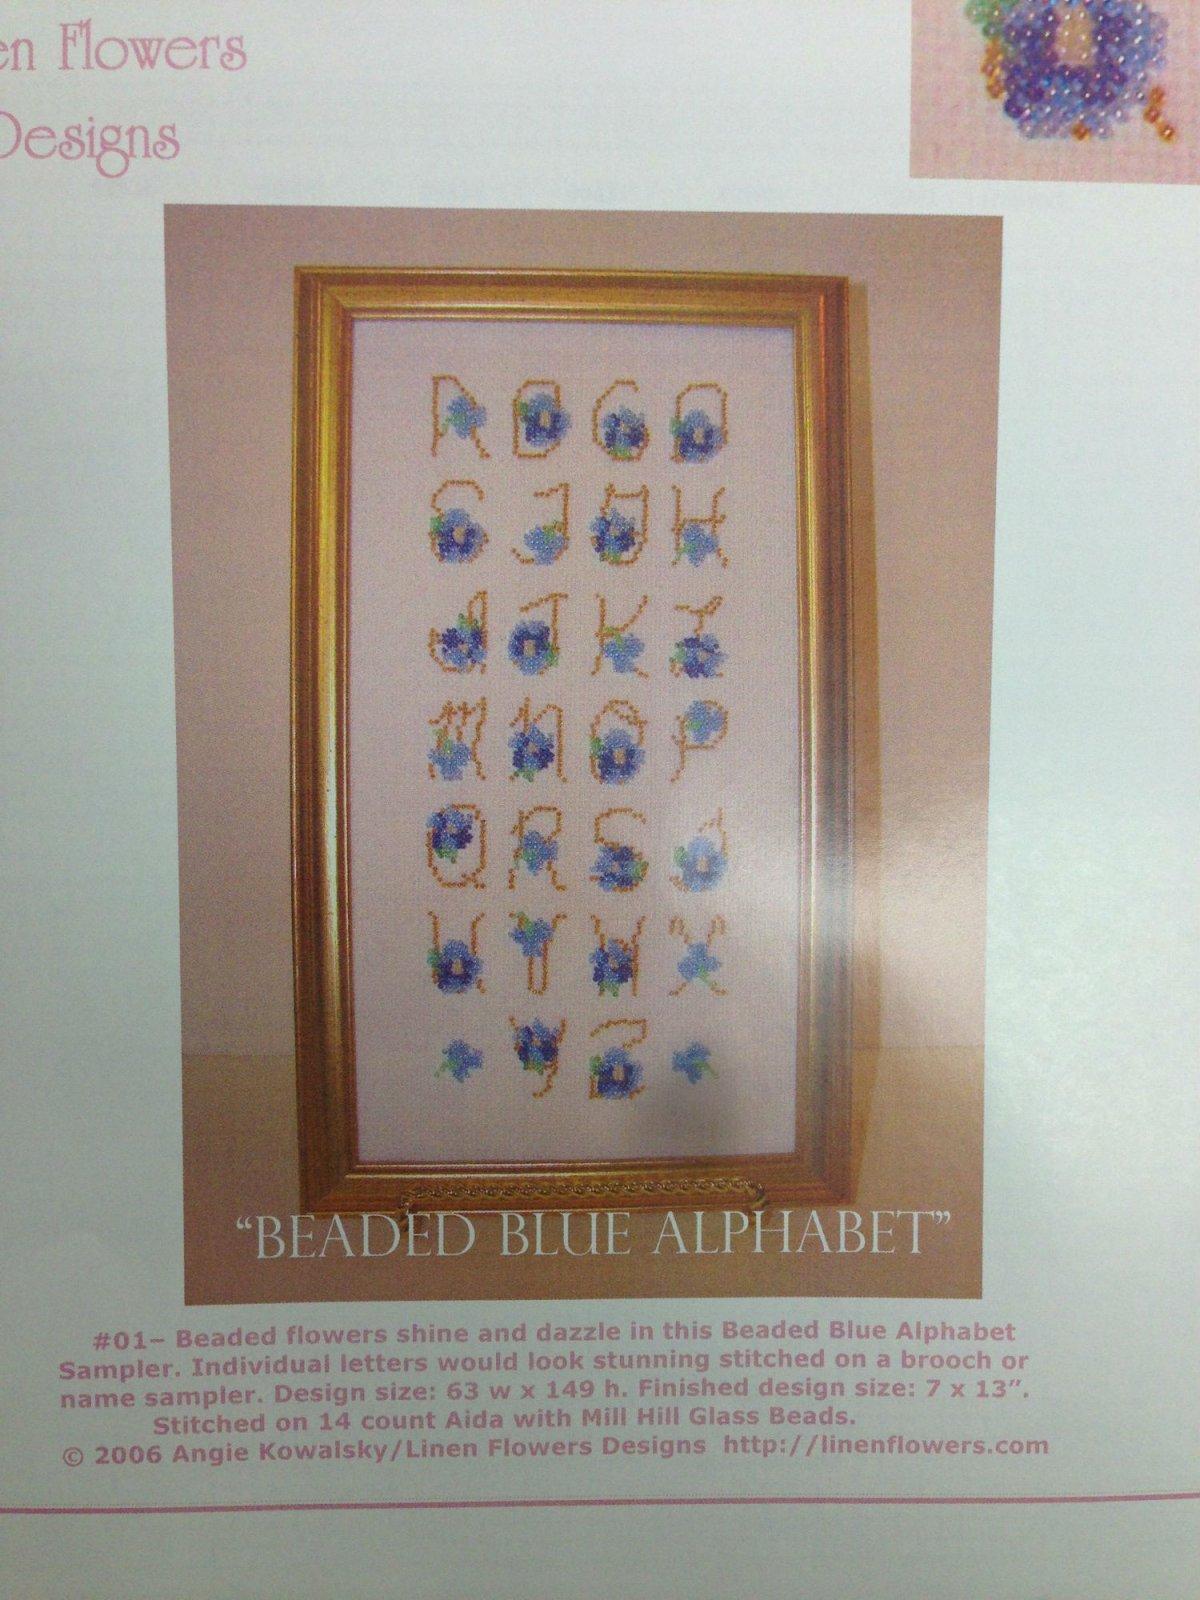 Linen Flowers Designs Beaded Blue Alphabet